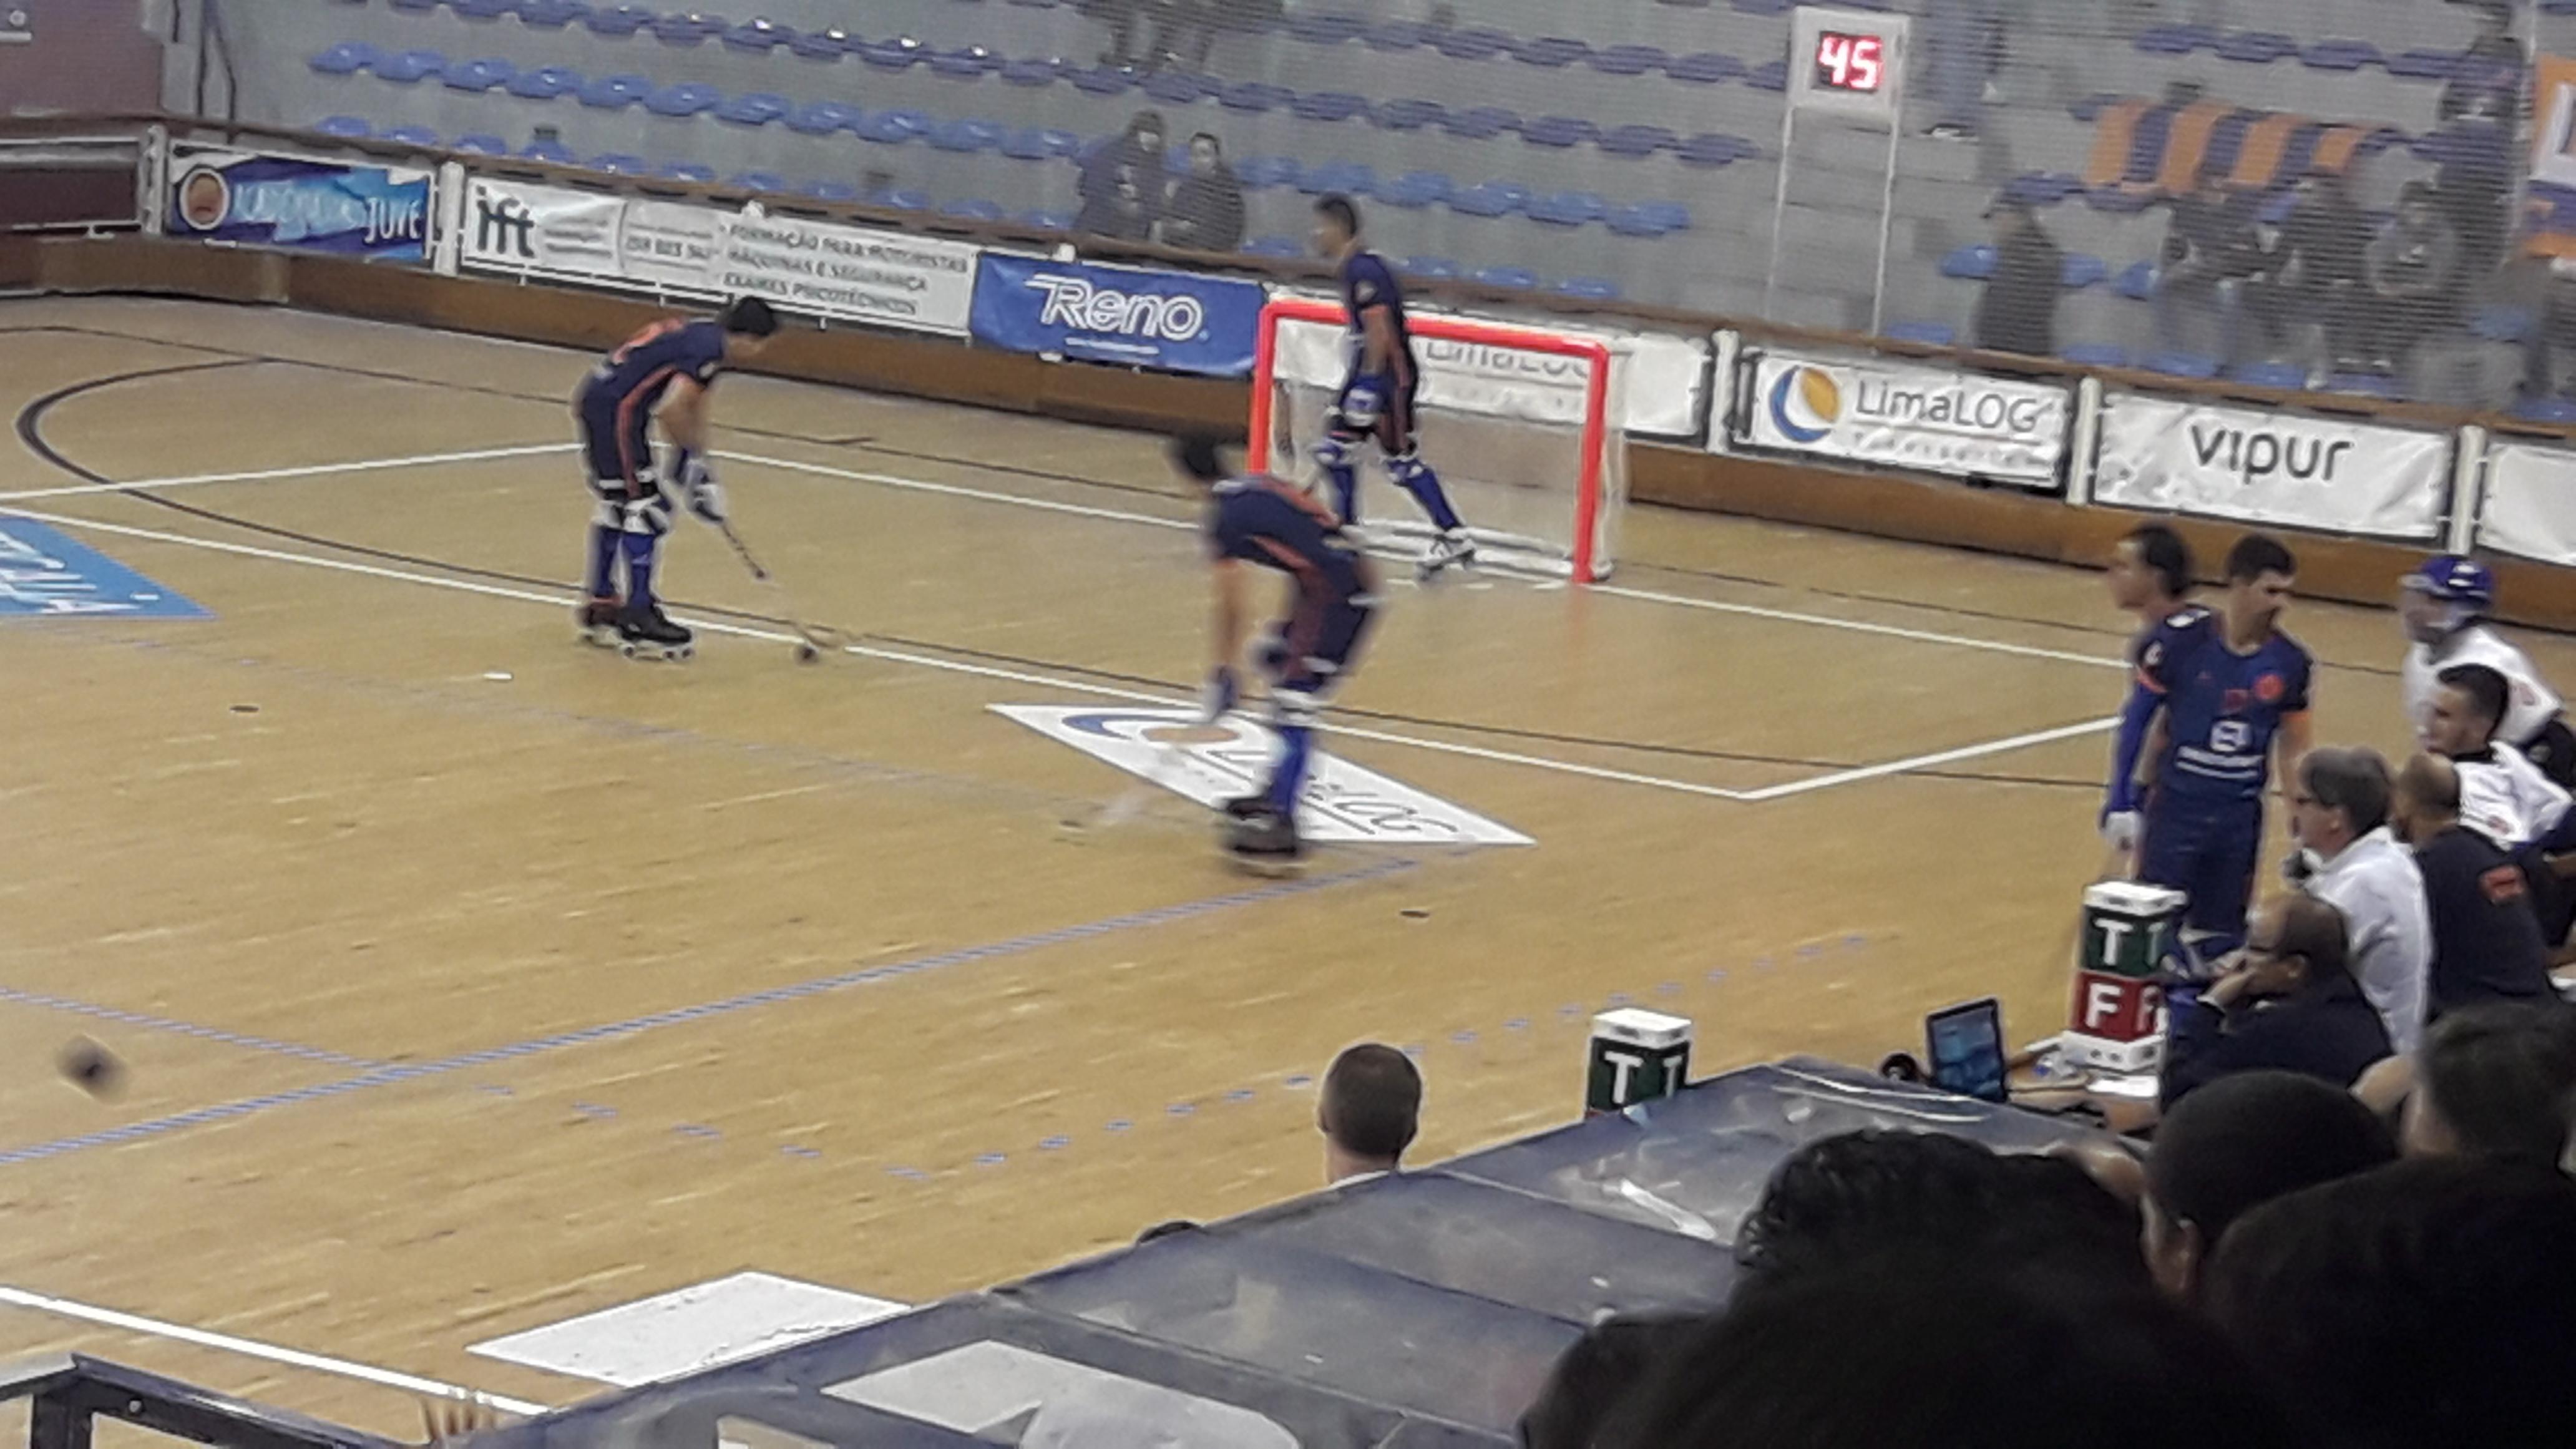 """Juventude de Viana """"esmaga"""" Uttigen e segue em frente na WS Europe Cup em hóquei em patins"""